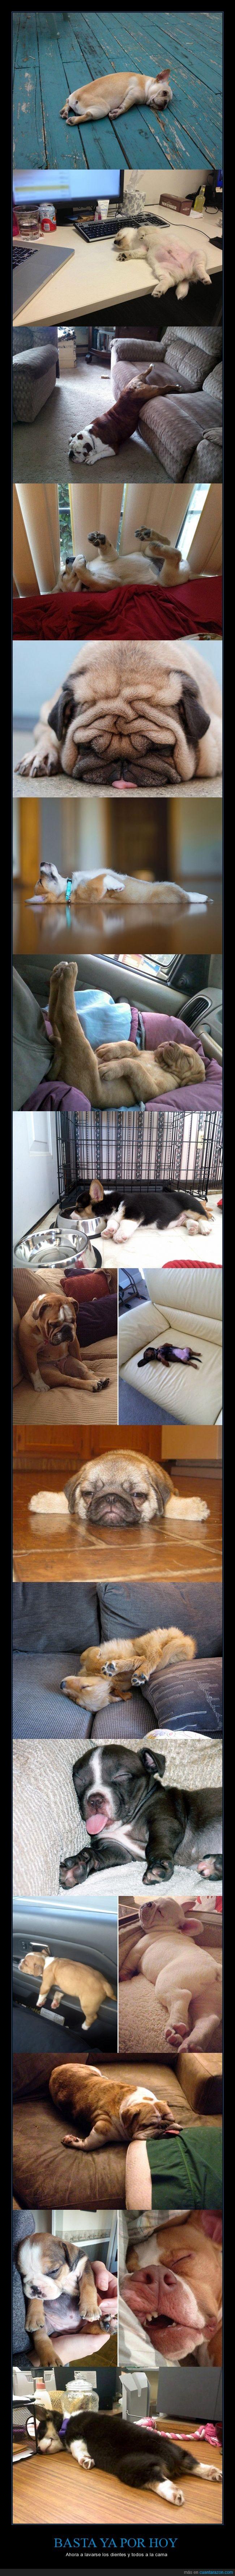 aguantar,cachorros,caer,dormido,dormir,perro,sueño